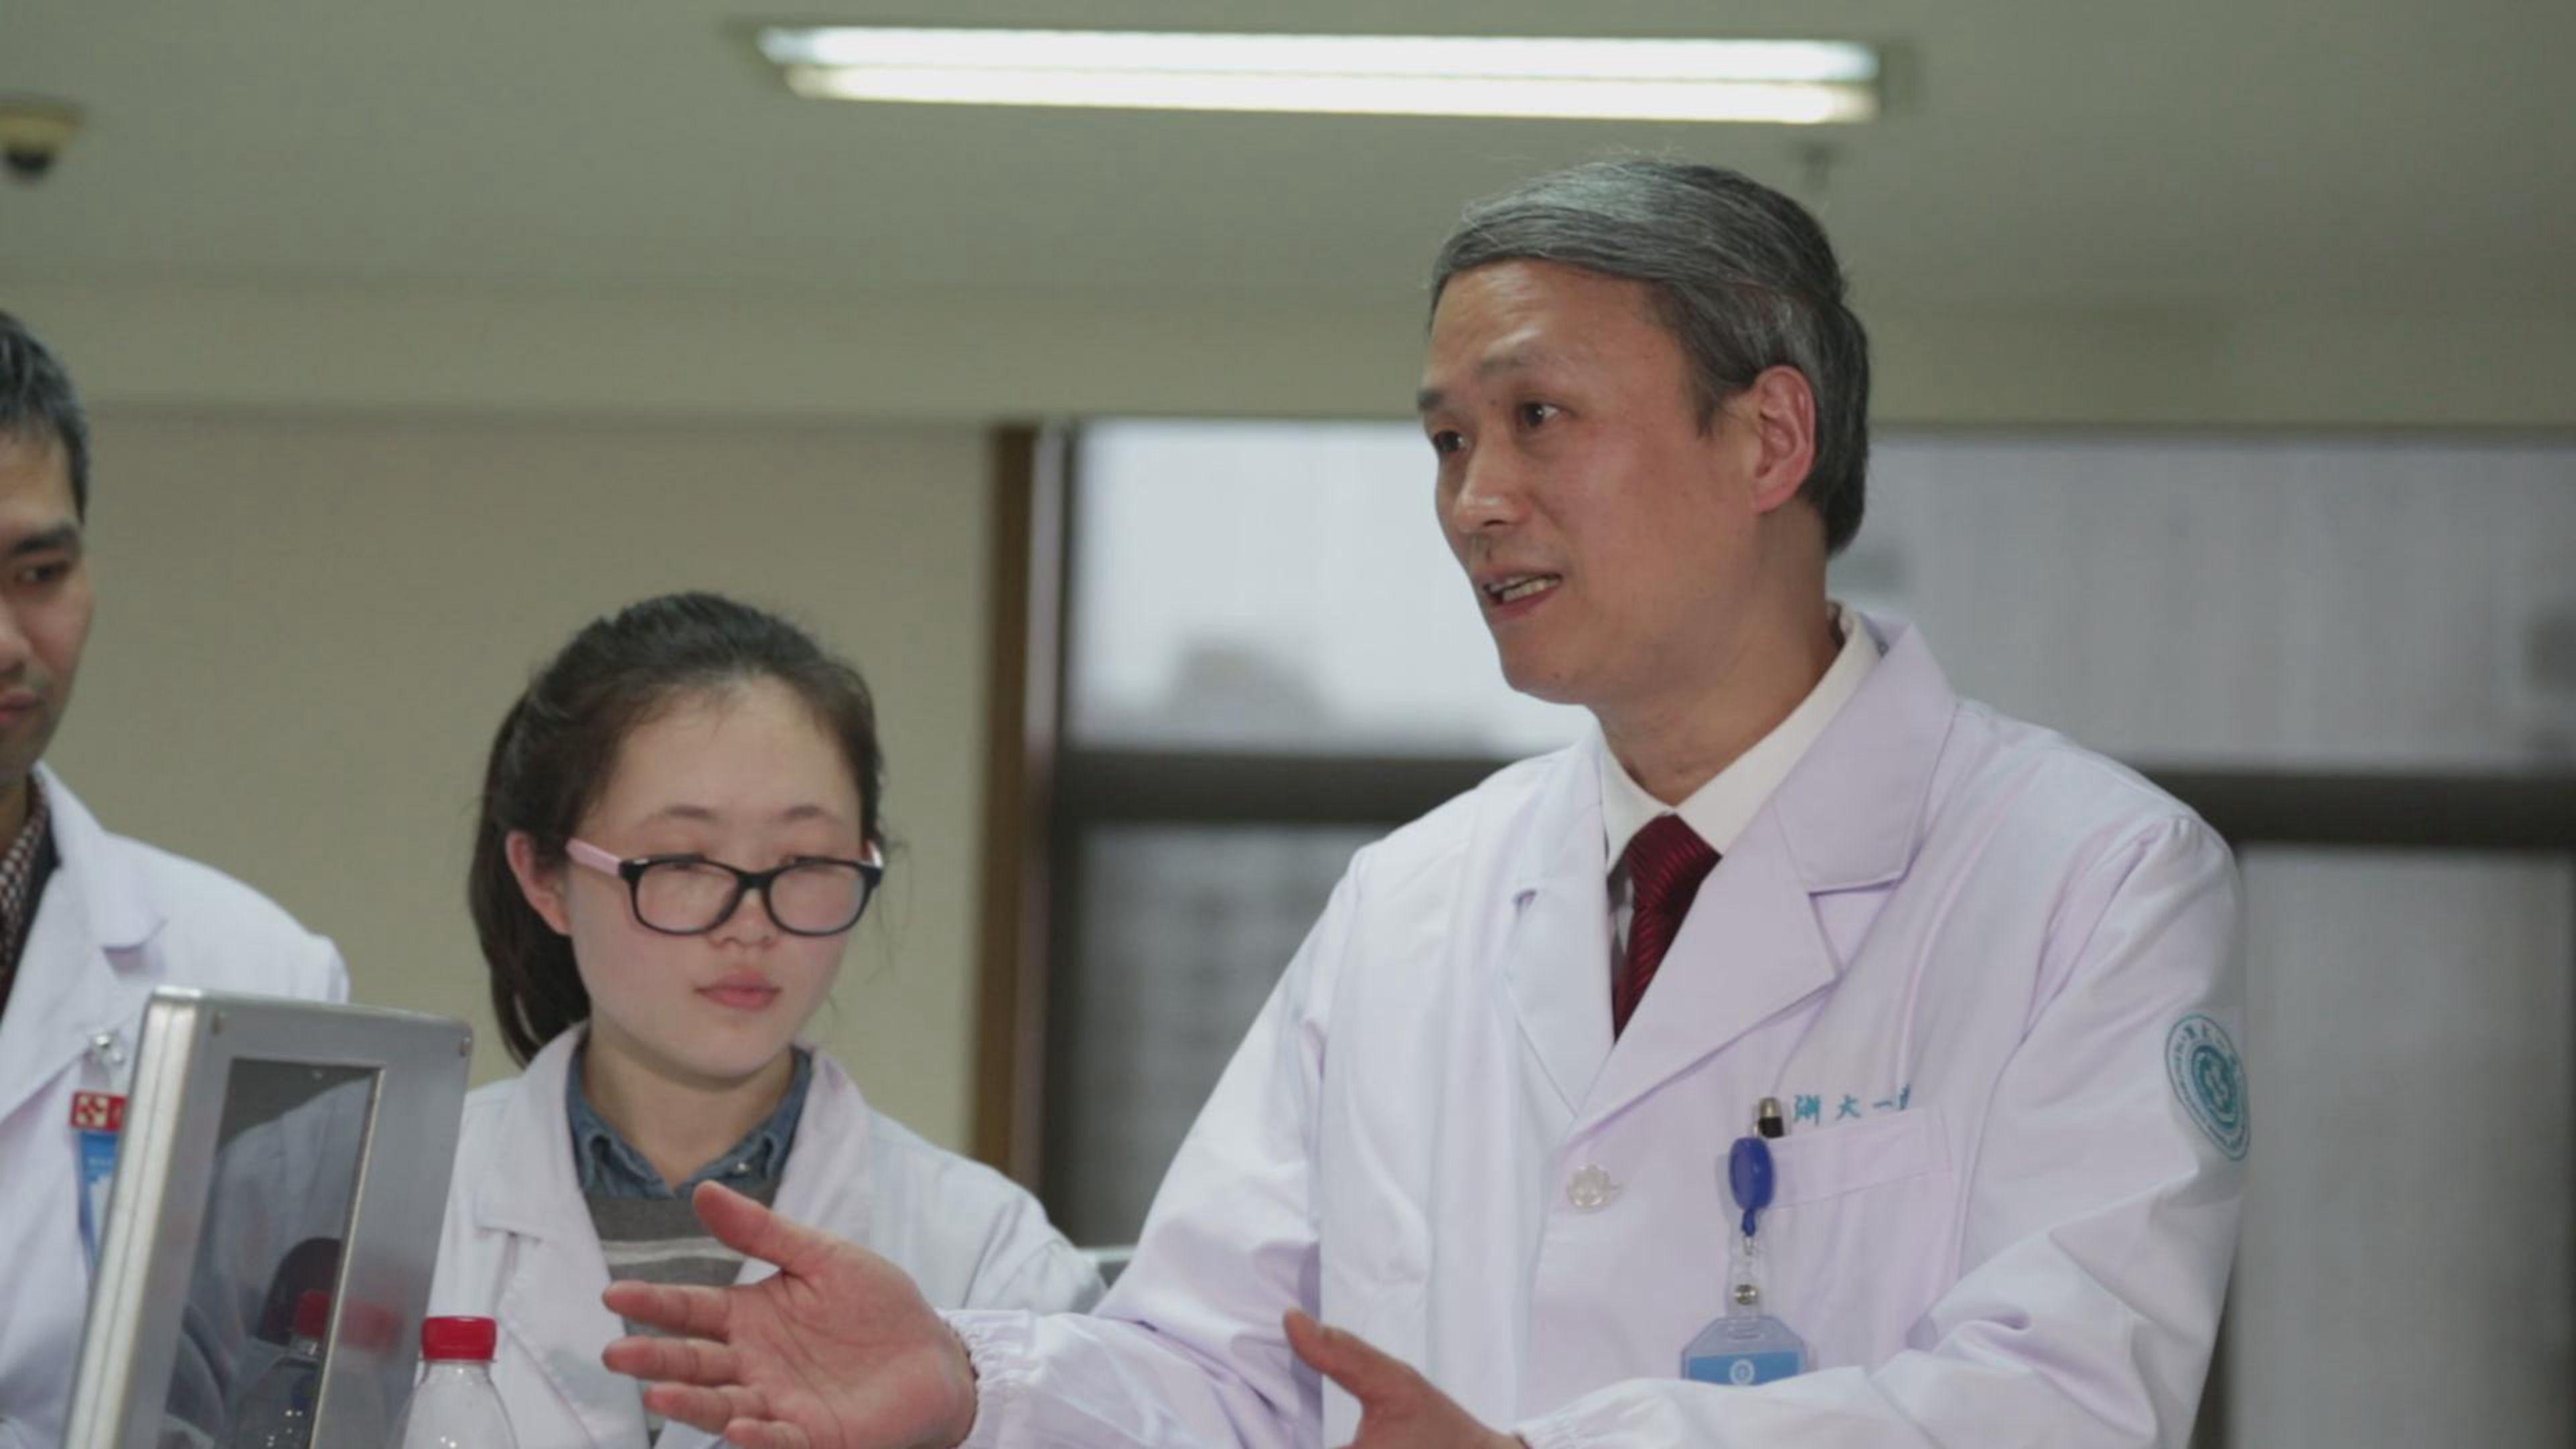 #前列腺#【前列腺健康讲堂】前列腺增生与尿毒症之间的关系